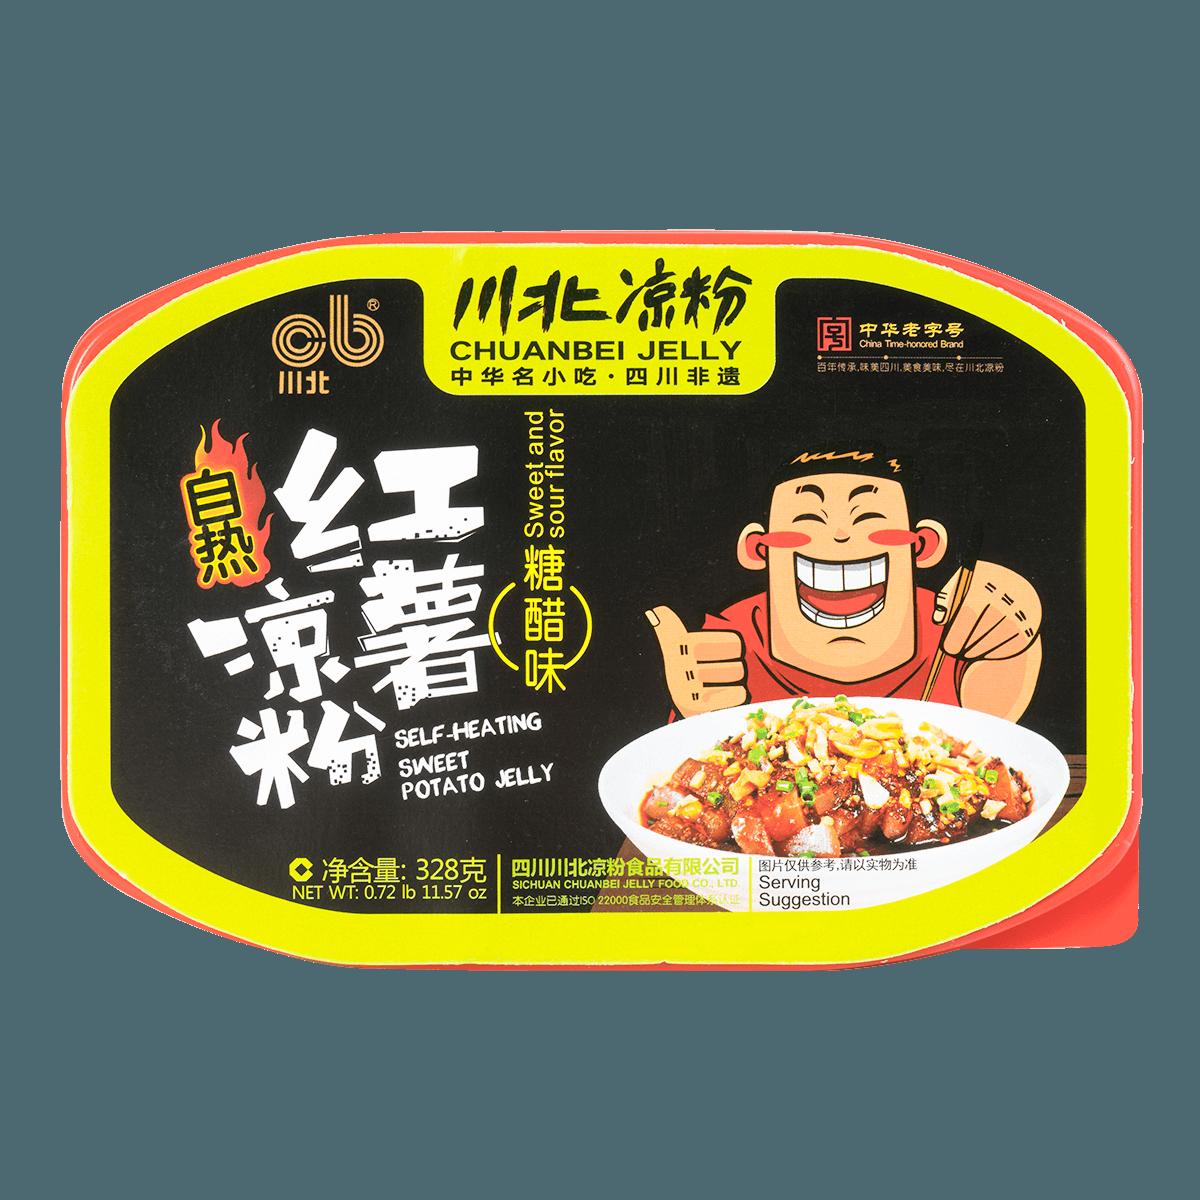 川北凉粉 自热红薯凉粉 糖醋味 328g